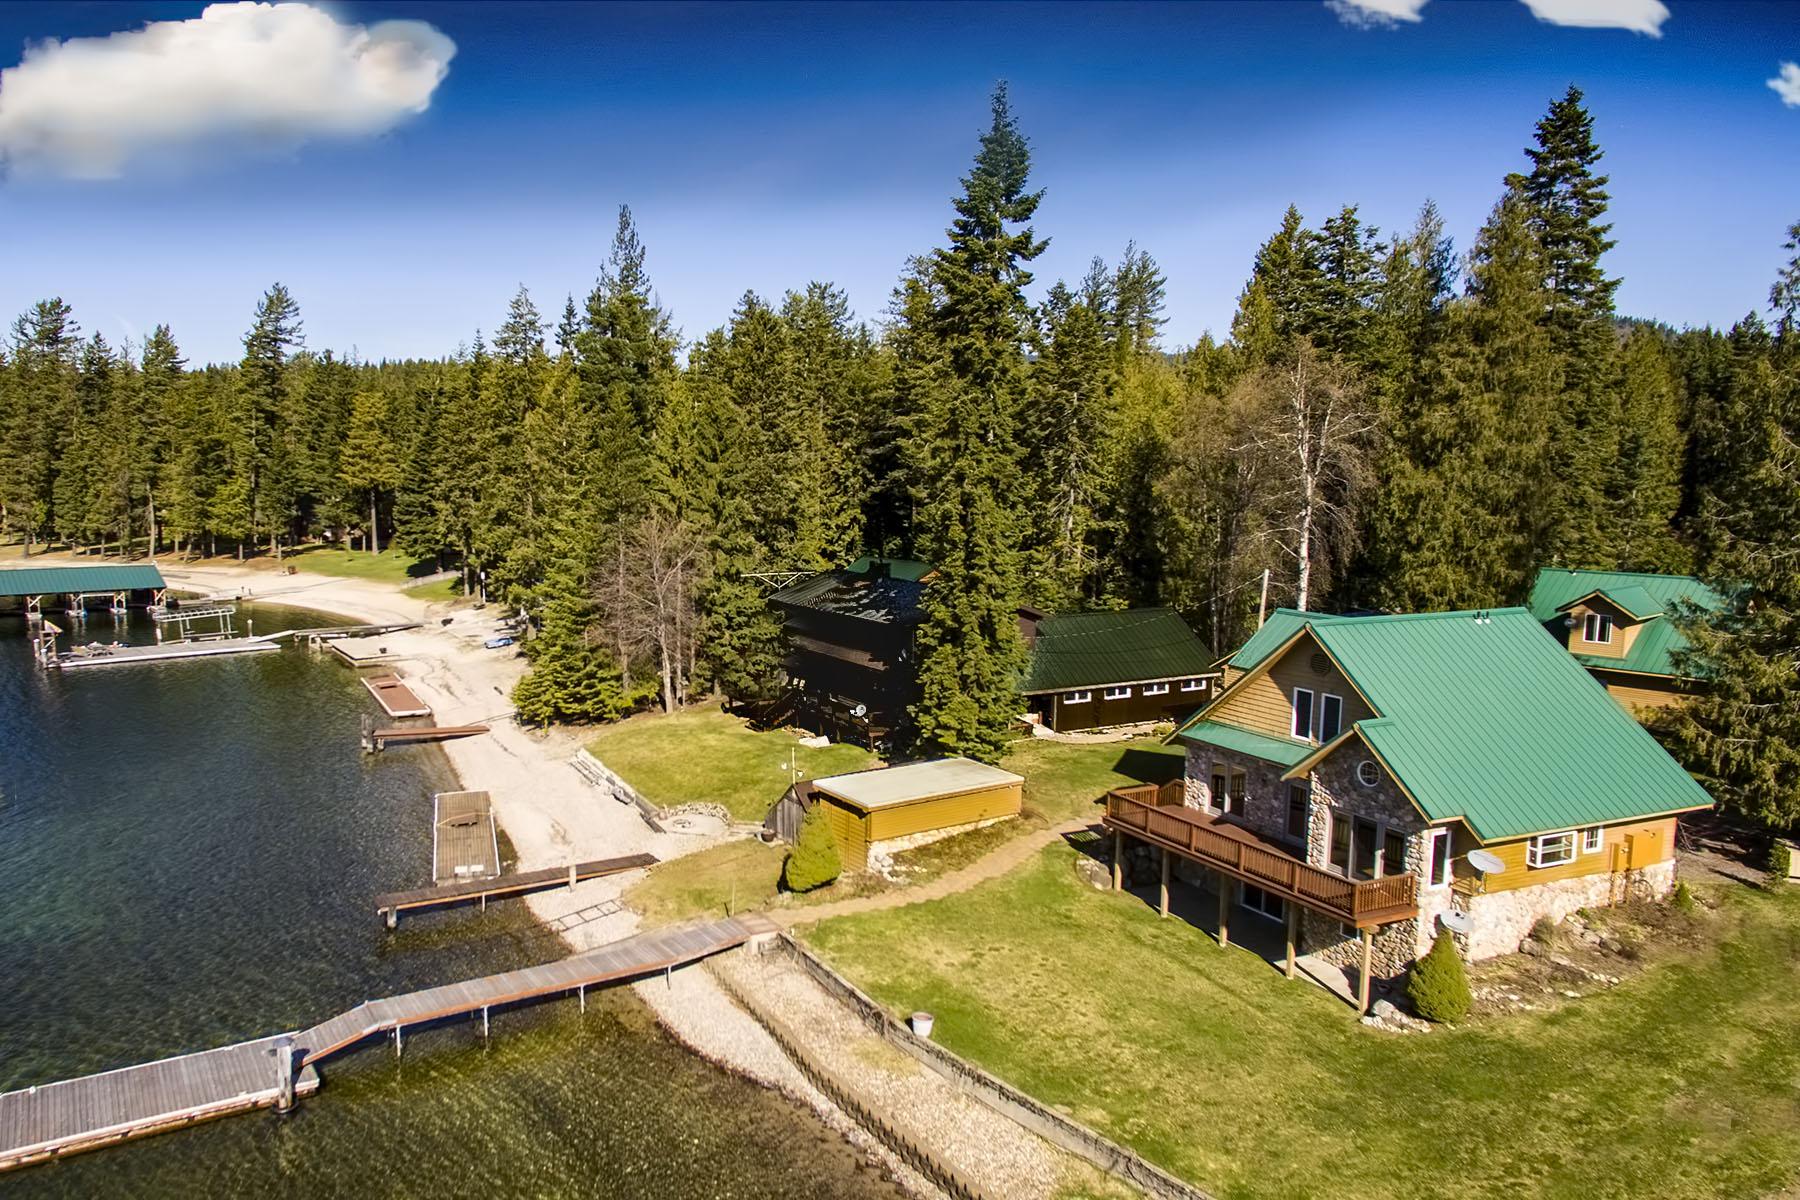 Tek Ailelik Ev için Satış at 5 Ac Reeder Bay Lot in Nordman, ID 16 Sunrise Lane Nordman, Idaho, 83848 Amerika Birleşik Devletleri